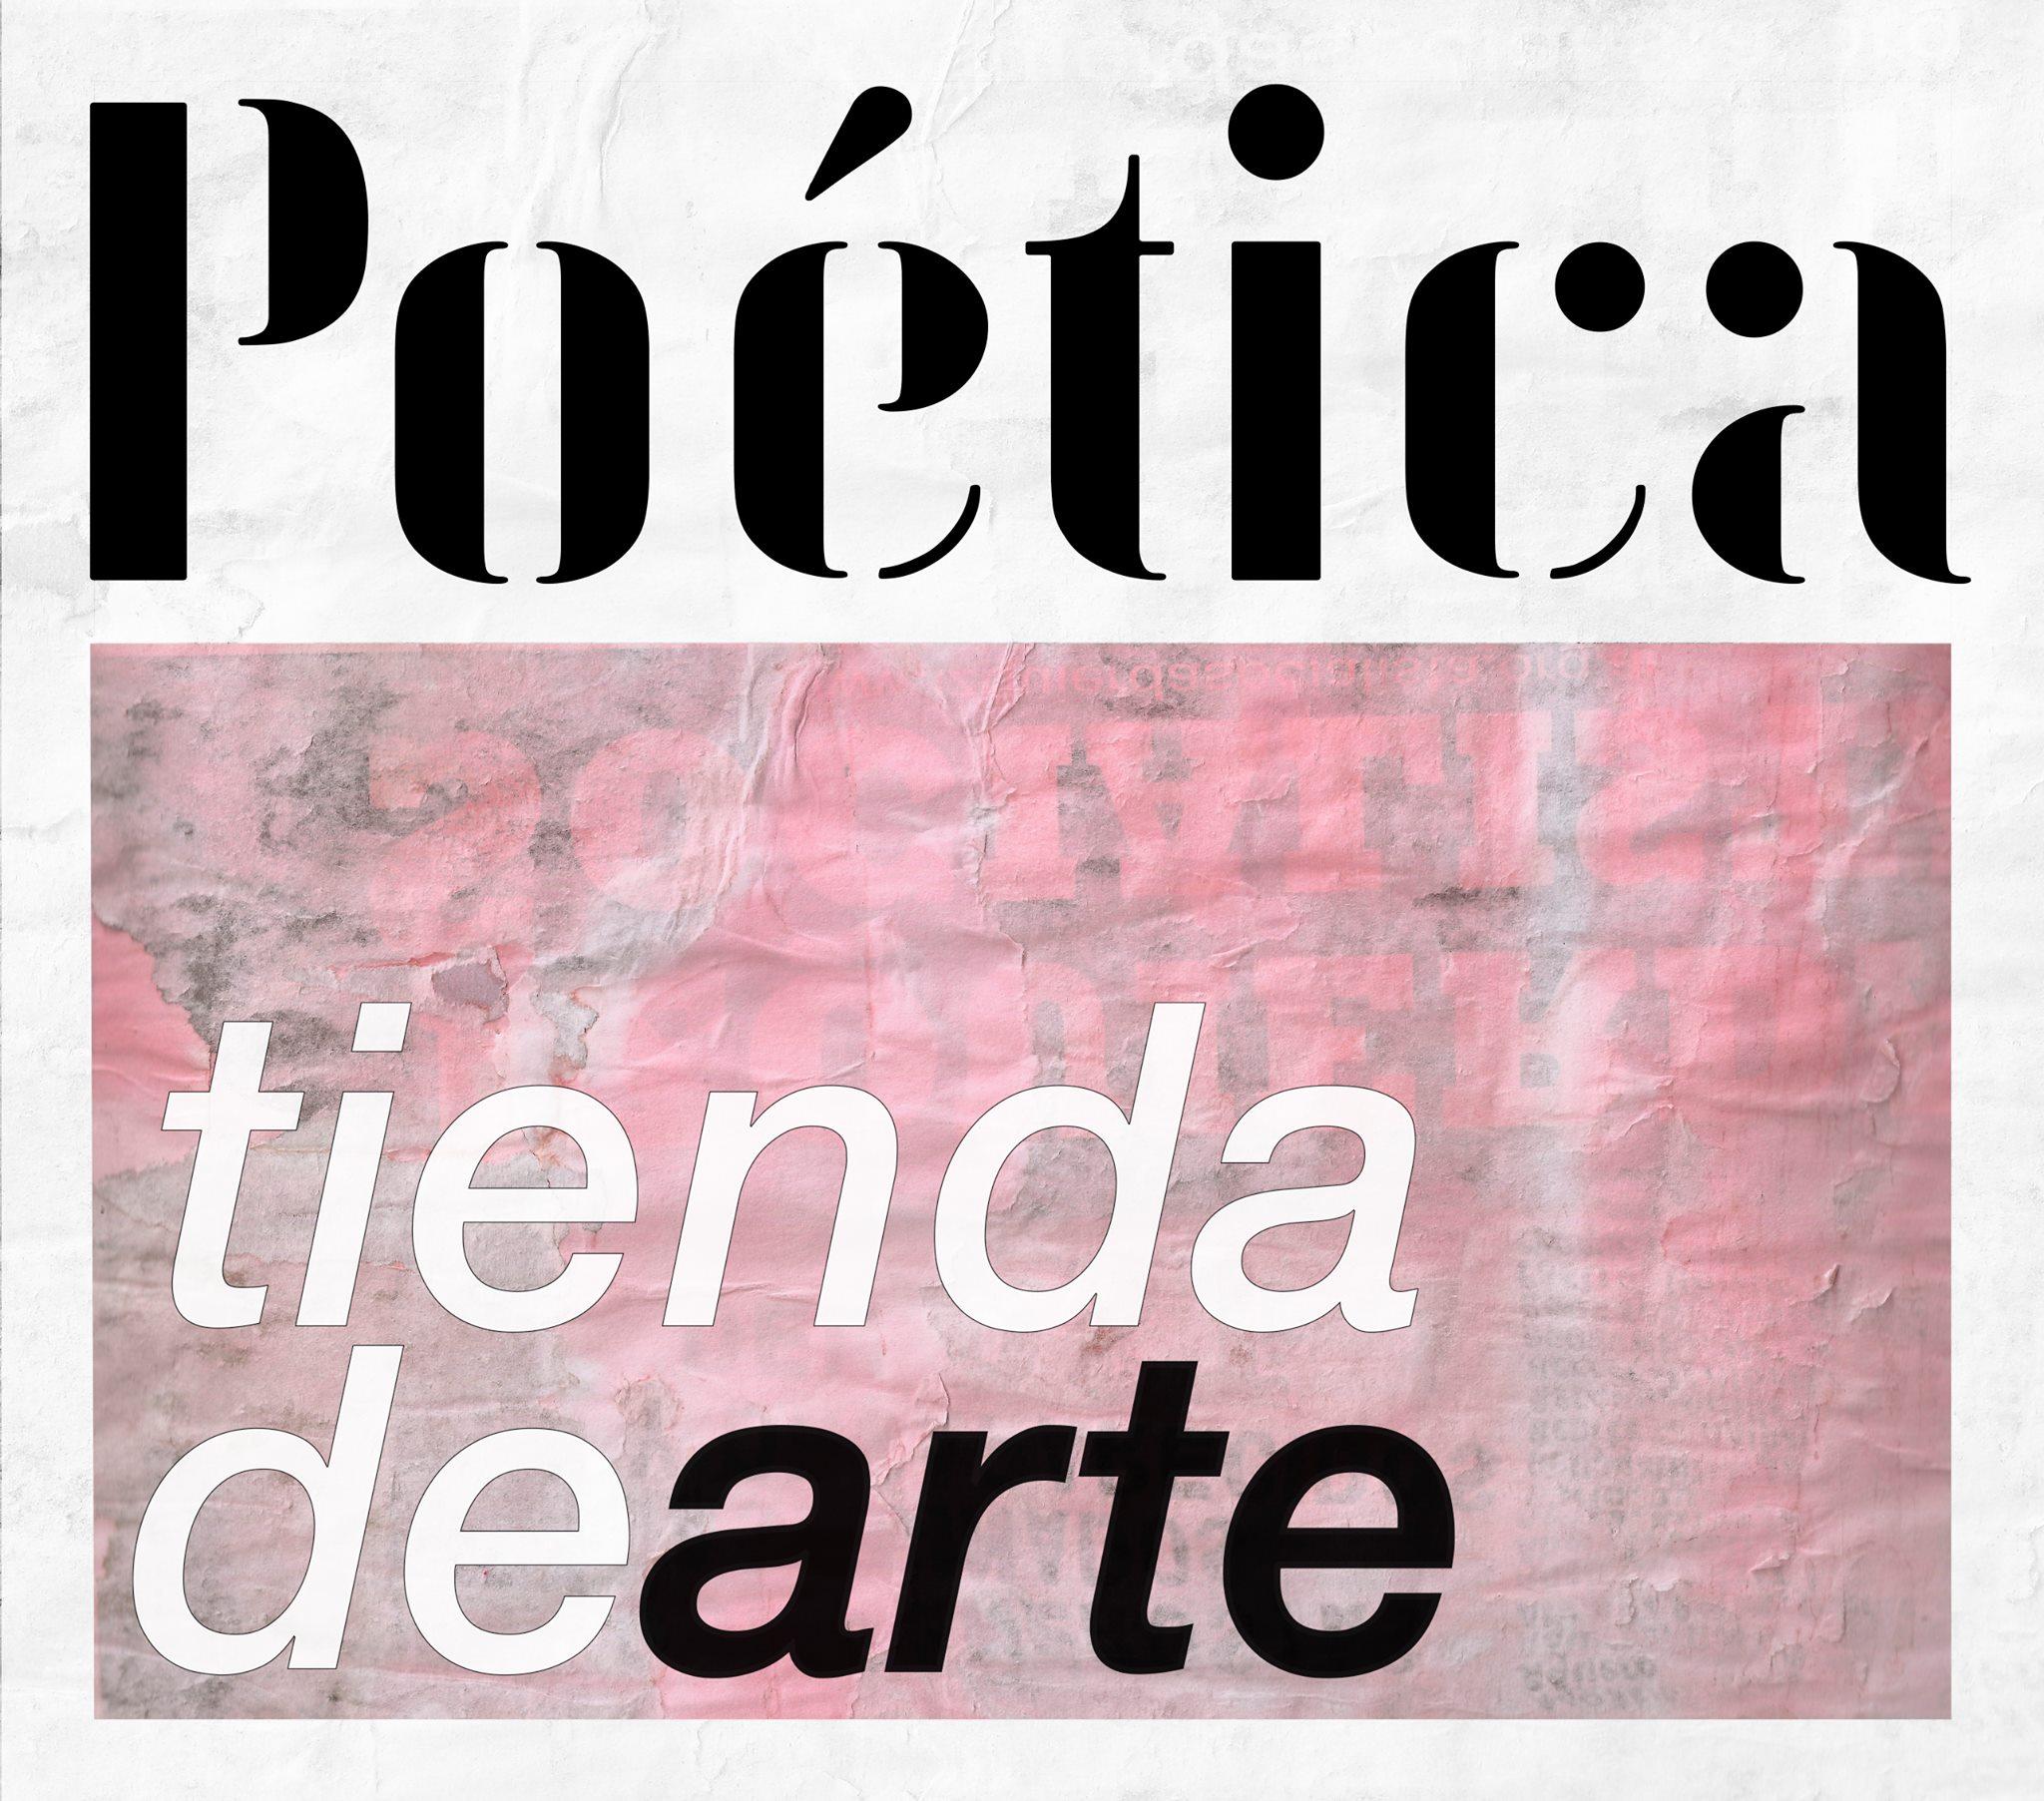 poetica-2